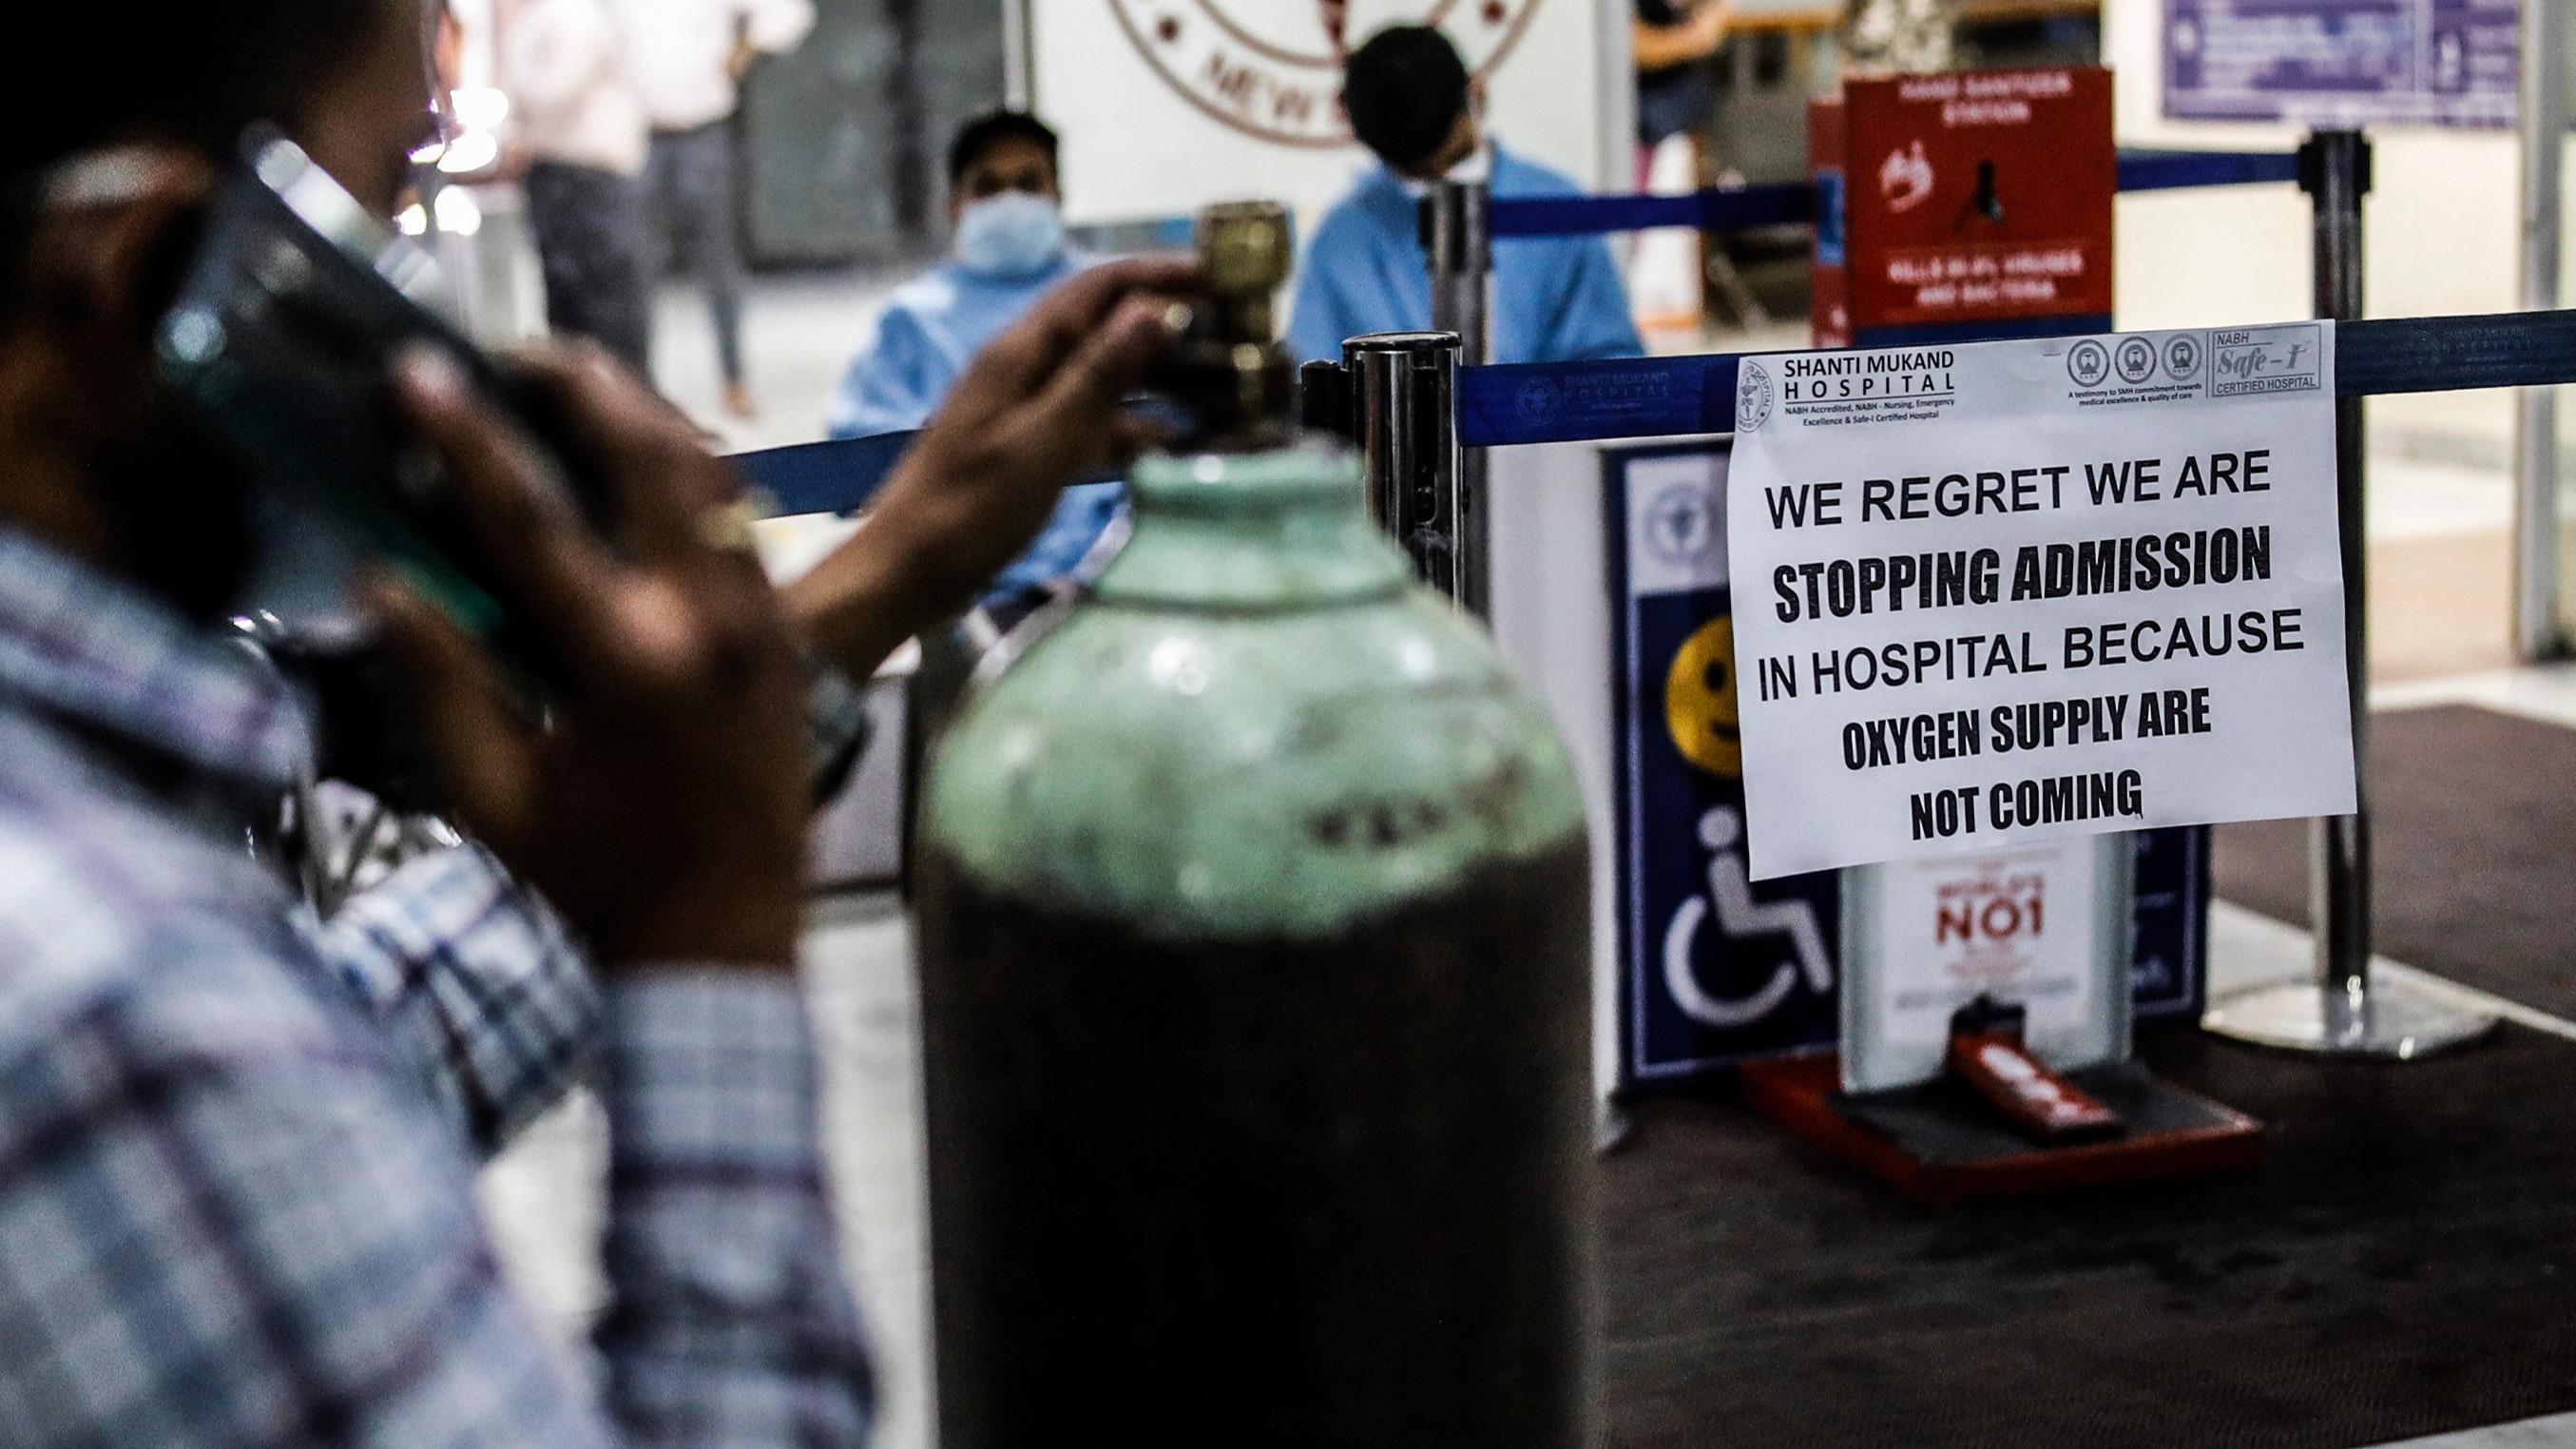 ऑक्सीजन की कमी की वजह से अप्रैल में अस्पतालों ने मरीजों को भर्ती करने से इनकार करना शुरू कर दिया था। इसका असर यह हुआ कि केंद्र सरकार ने ऑक्सीजन के उद्योगों में इस्तेमाल पर रोक लगाकर उसे मेडिकल इस्तेमाल के लिए डायवर्ट किया।